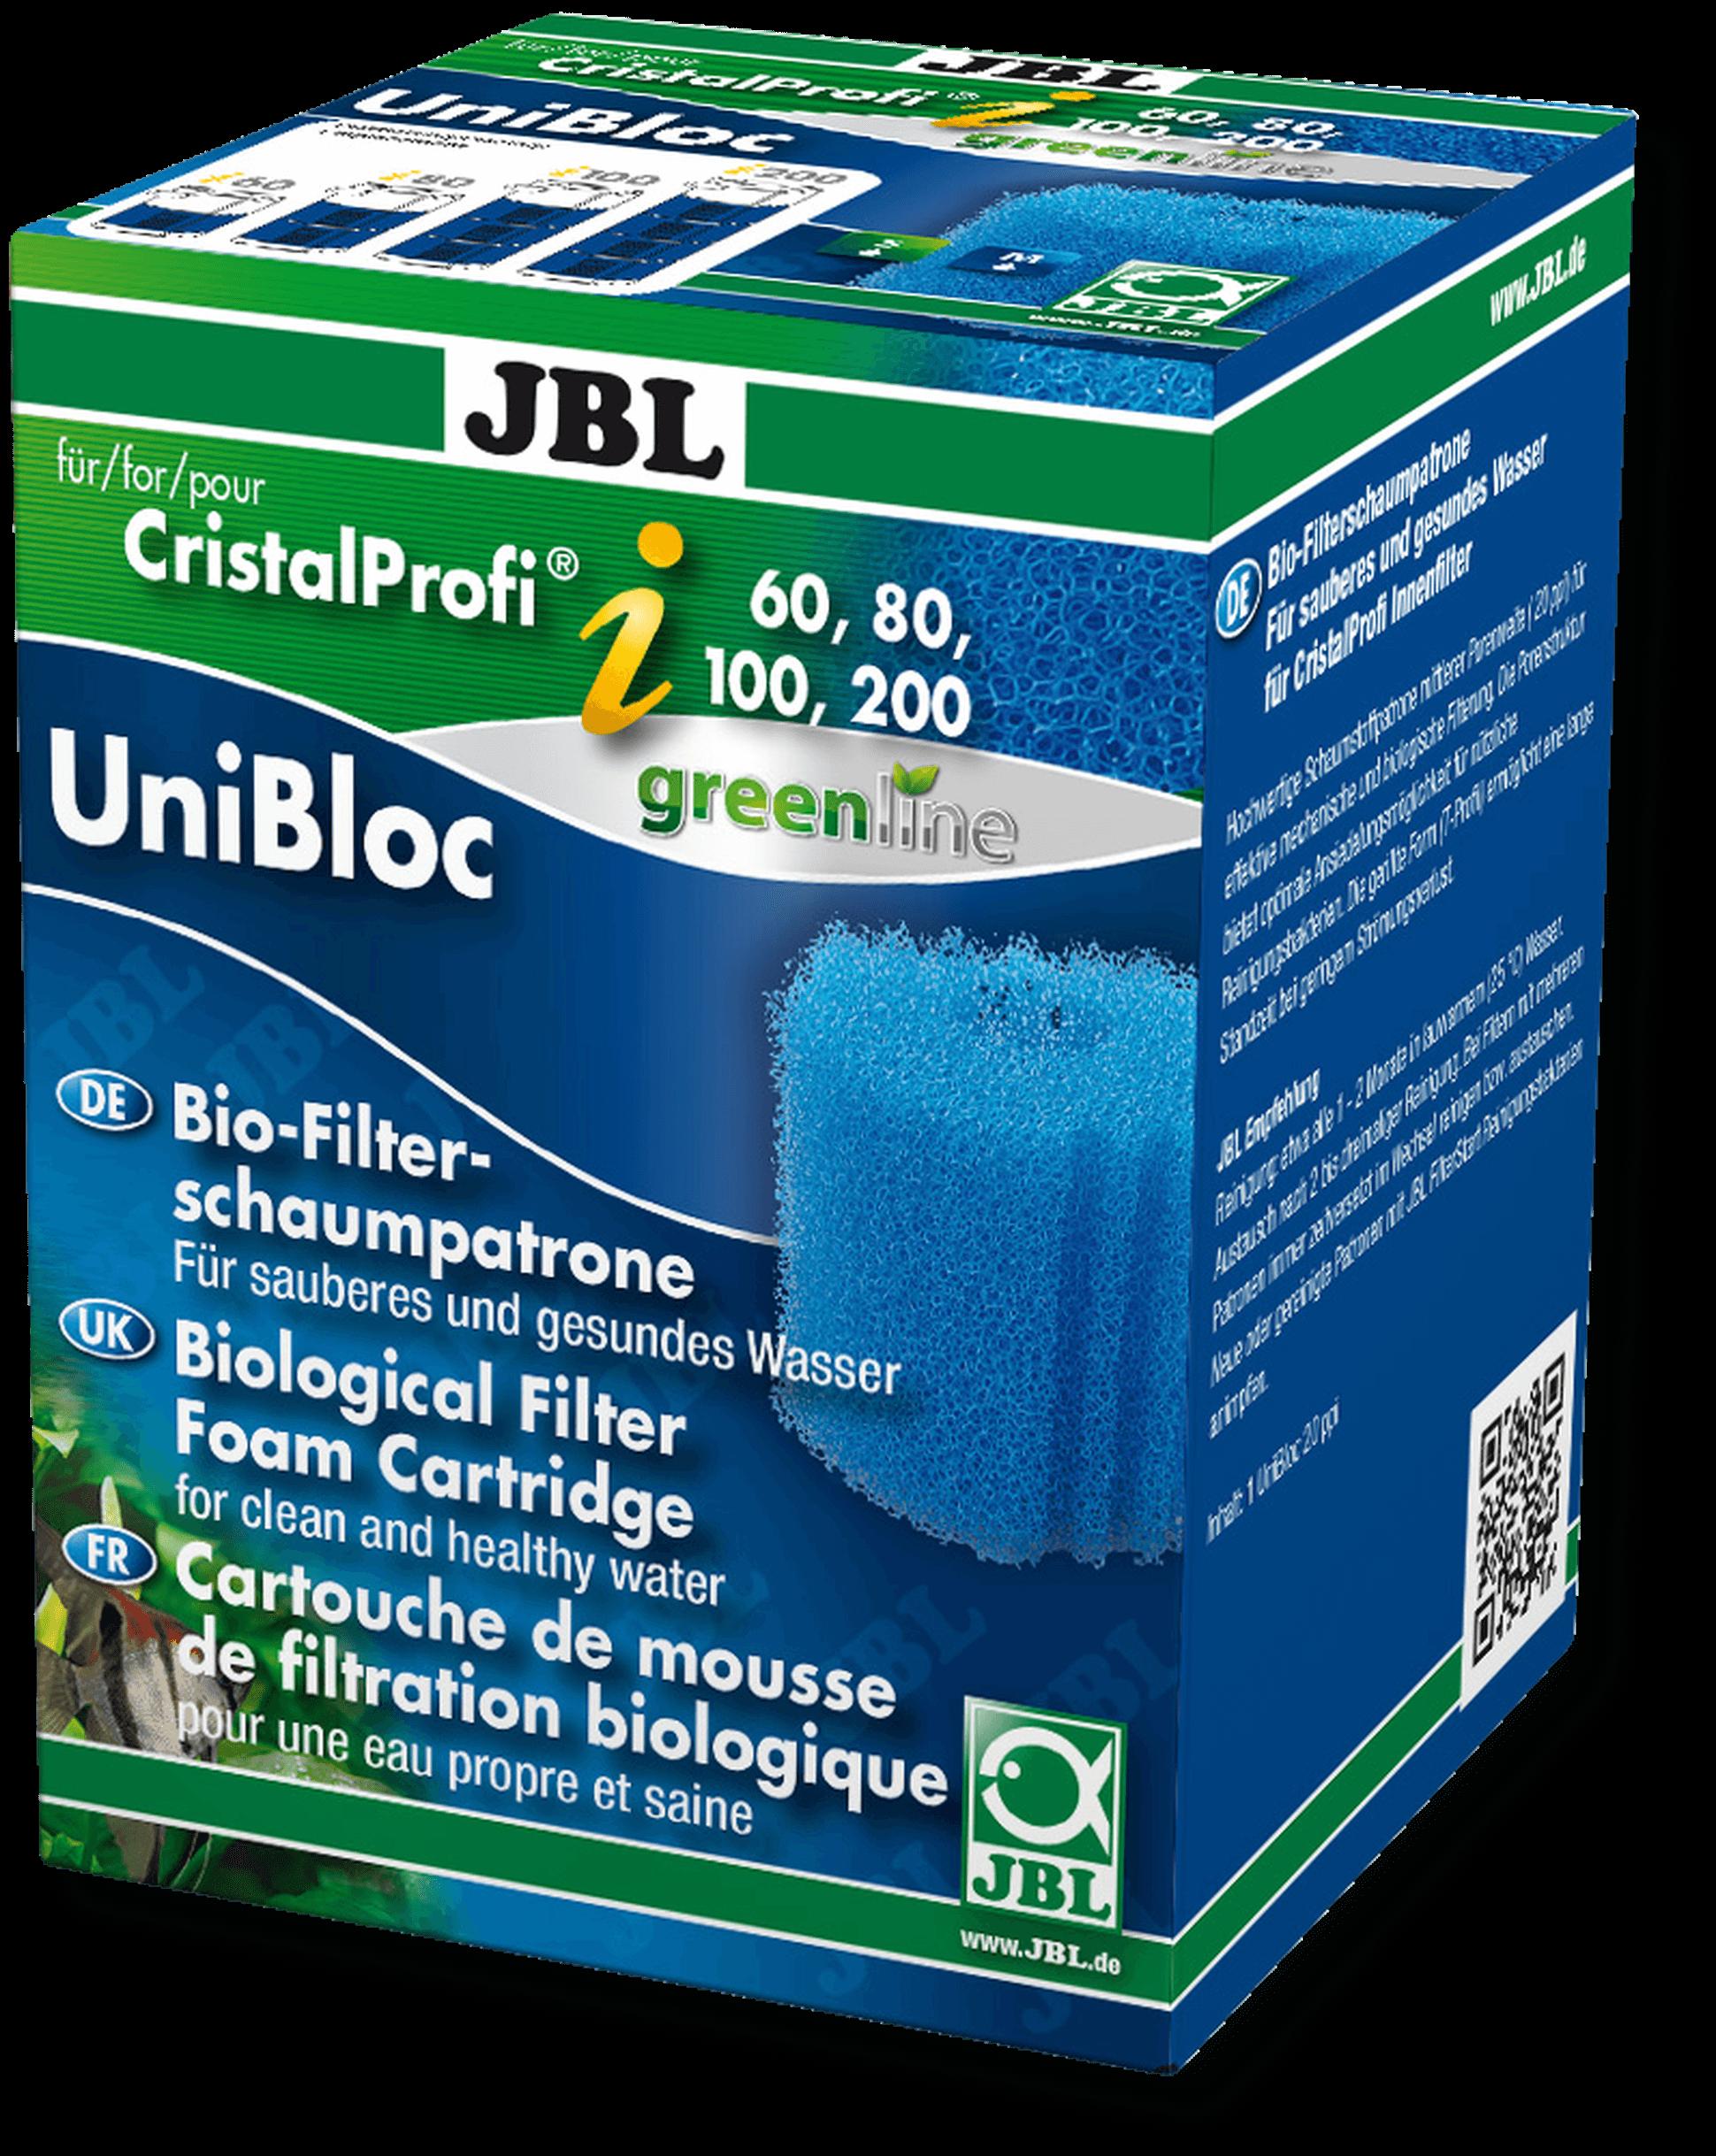 jbl-unibloc-mousse-pour-filtre-cristal-profi-i60-i80-i100-i200 Frais De Aquarium tortue Aquatique Schème